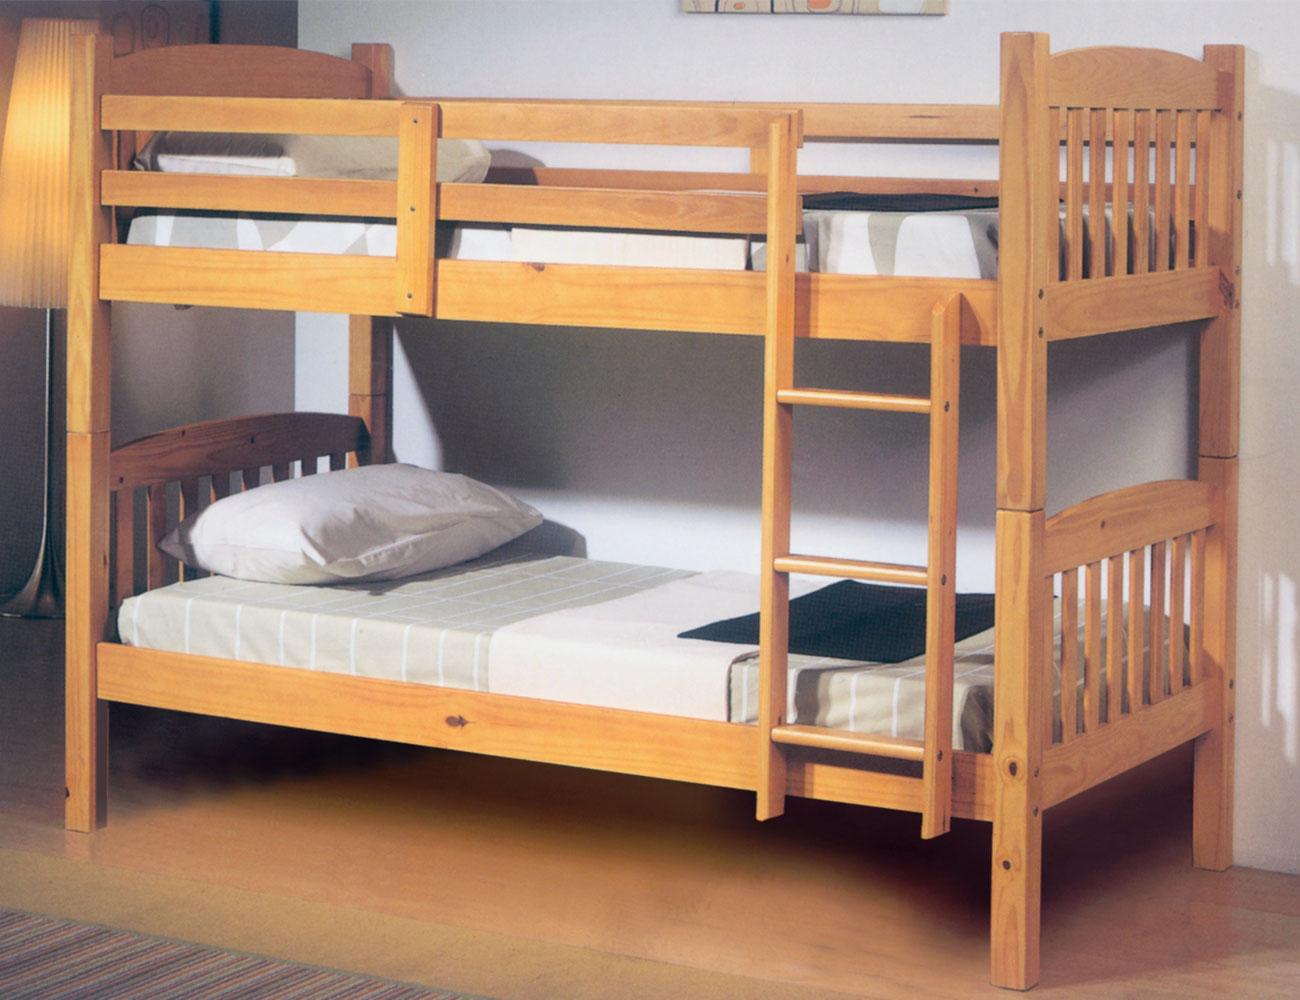 Cama litera dormitorio juvenil en madera color miel con somieres de ...